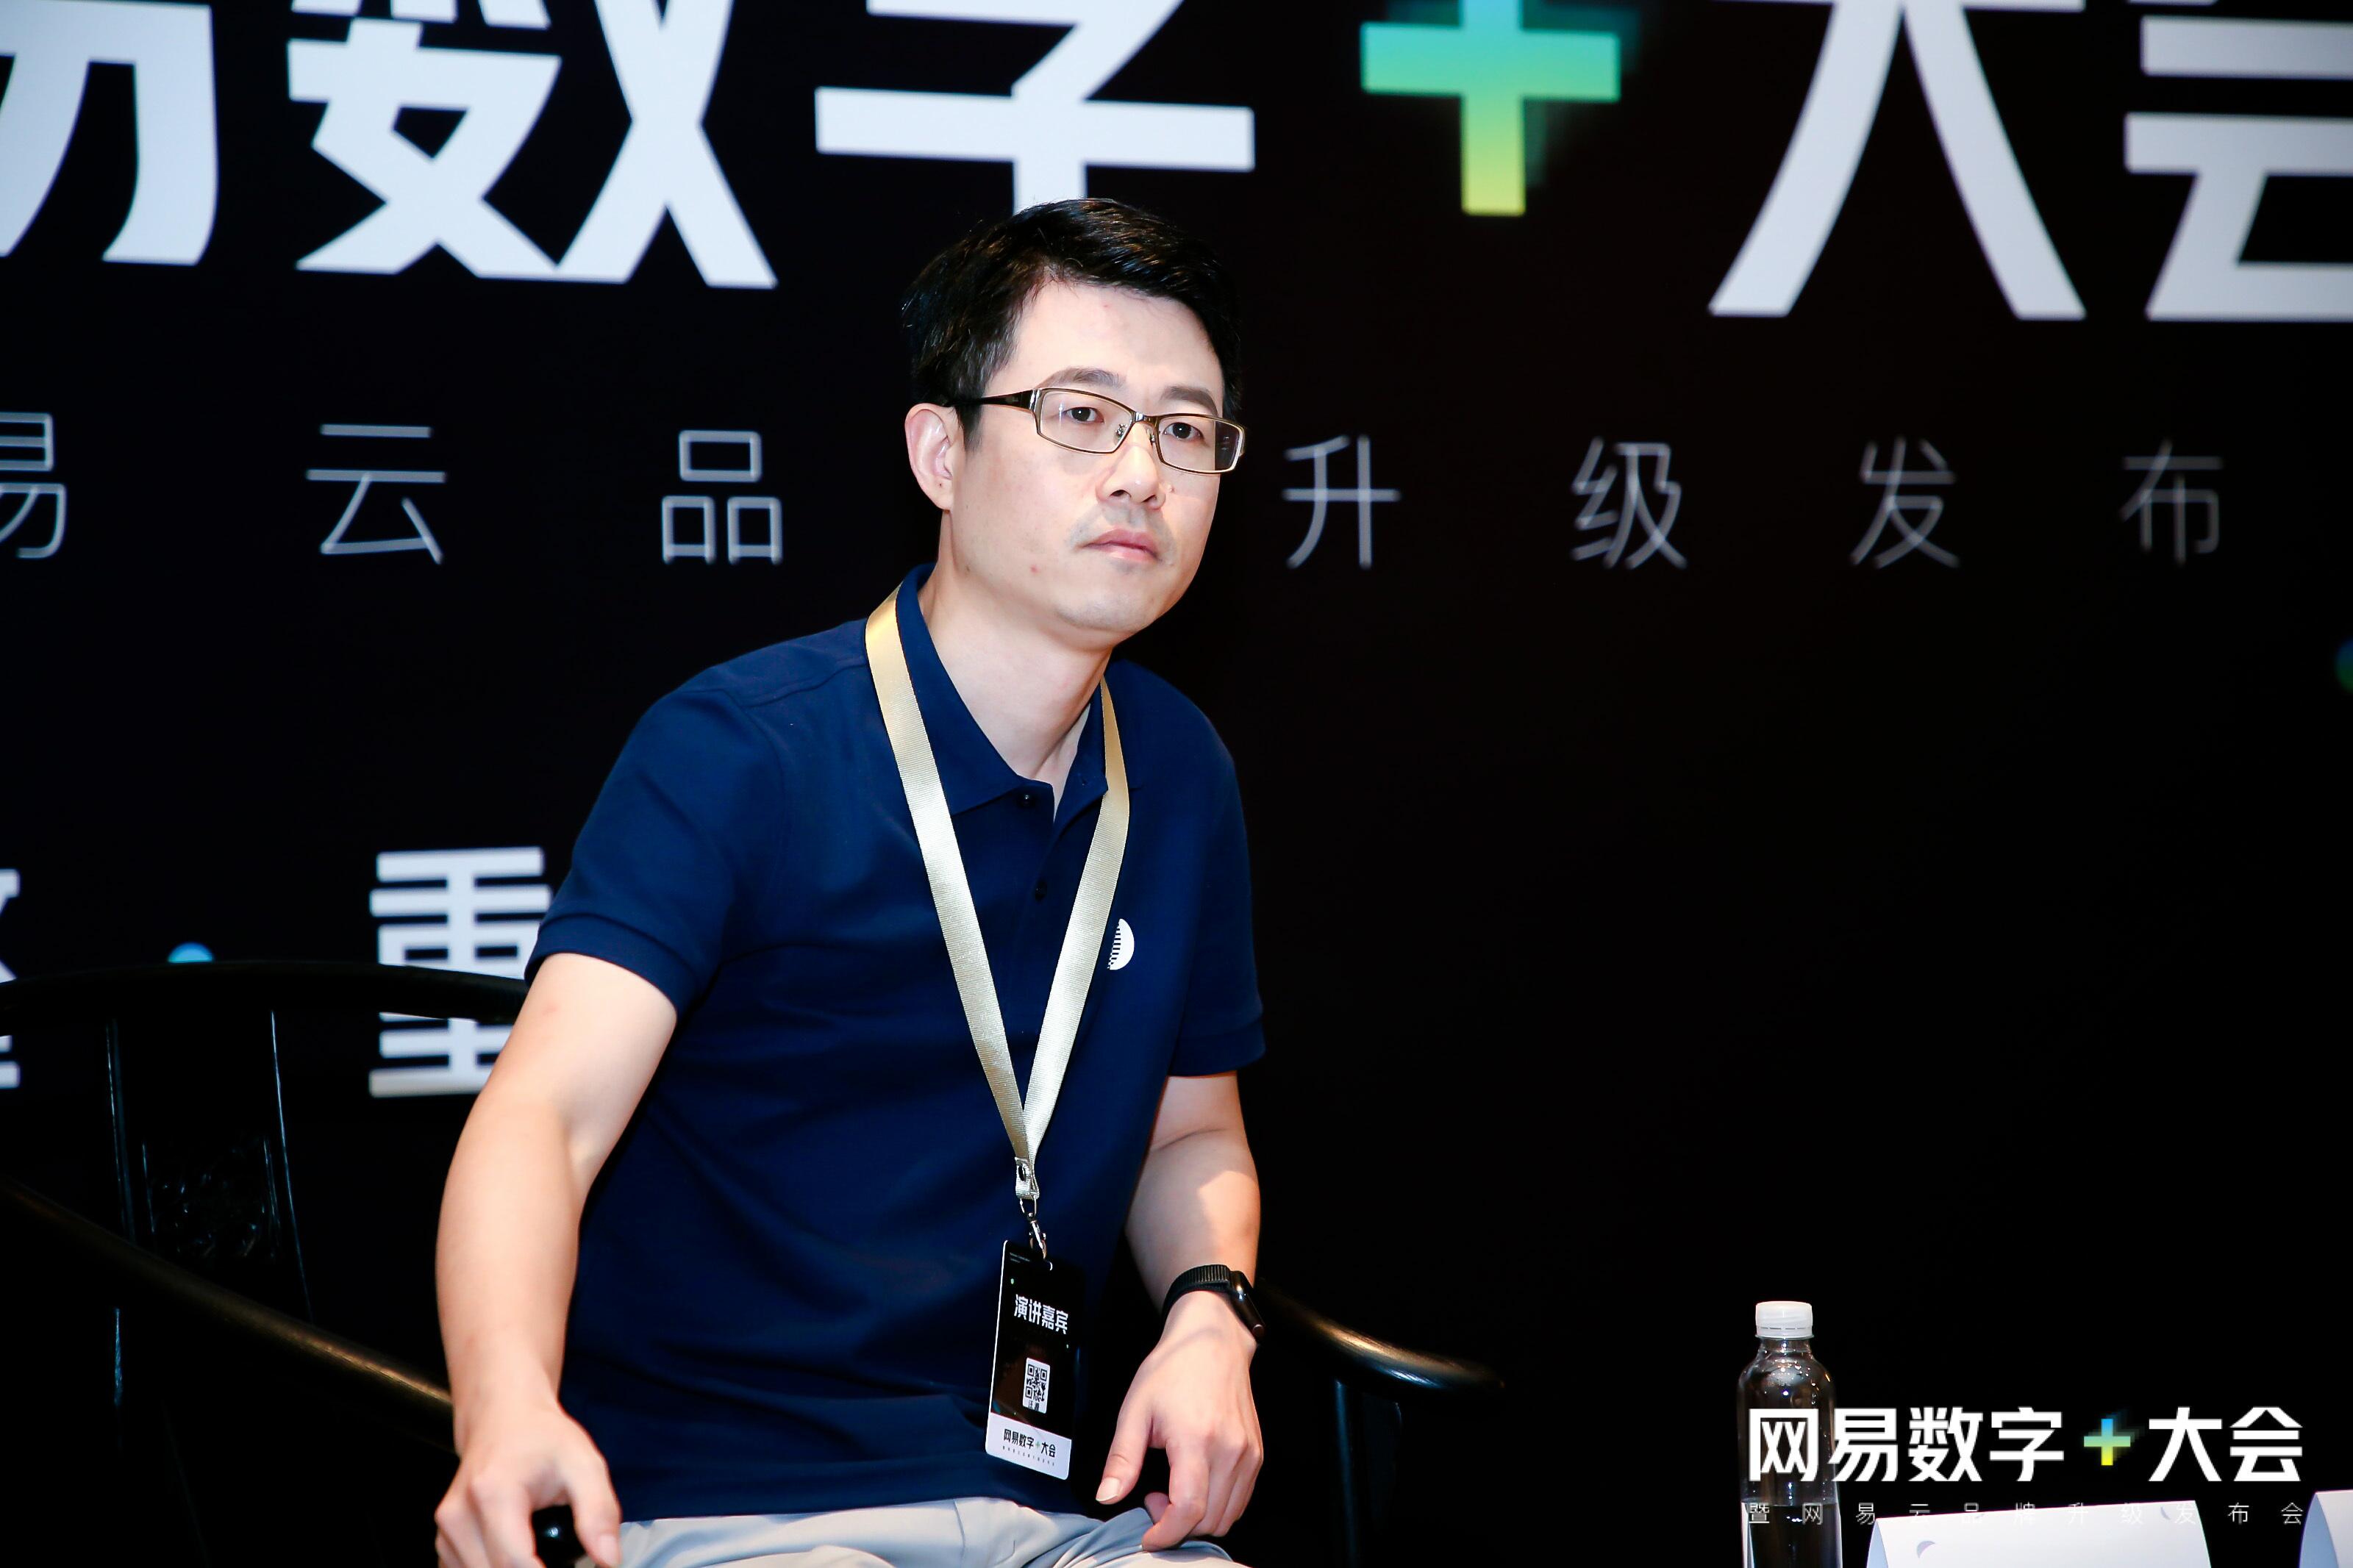 http://www.reviewcode.cn/youxikaifa/157499.html